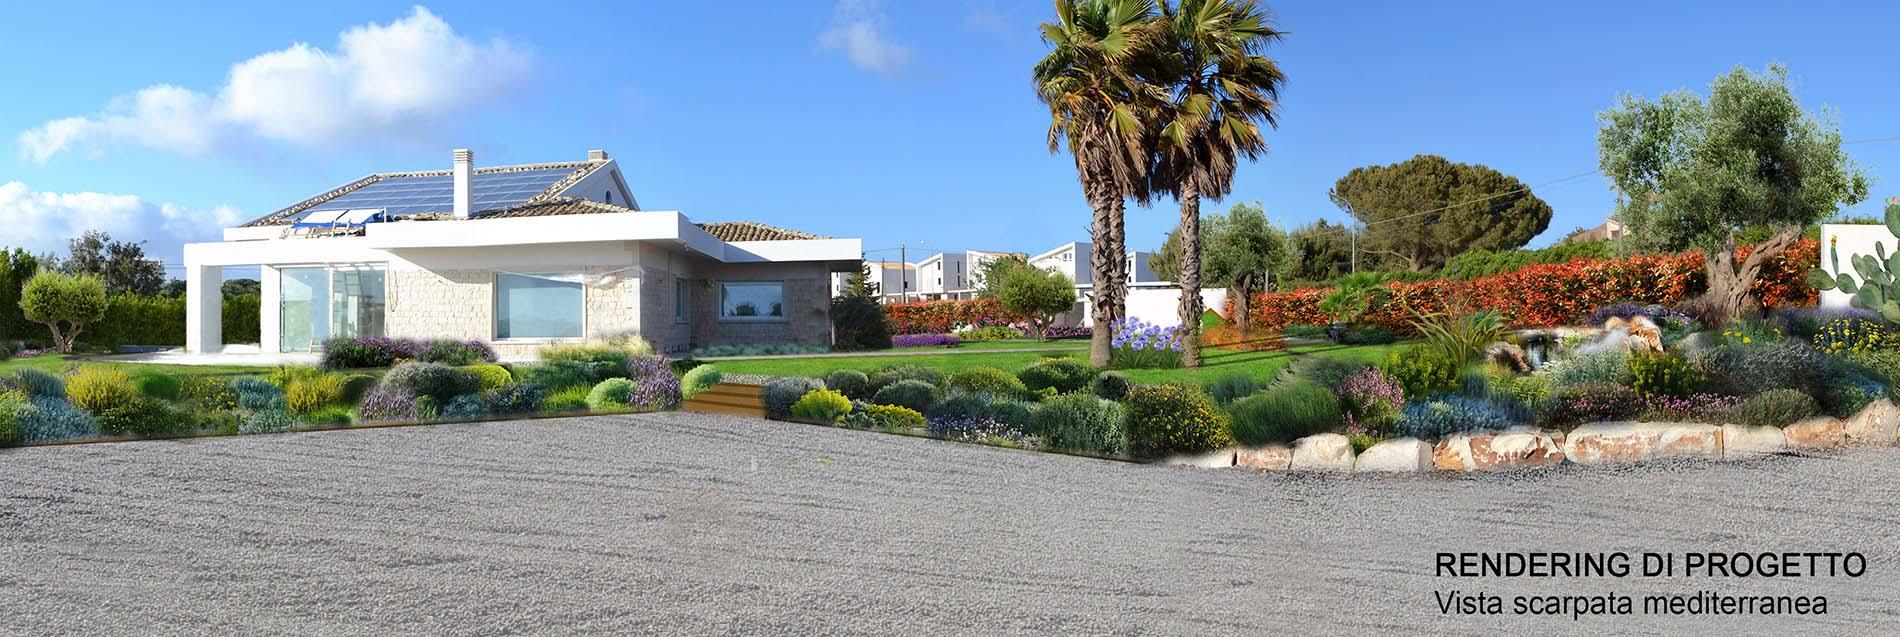 Giardino el bb architettura del paesaggio for Rendering giardino